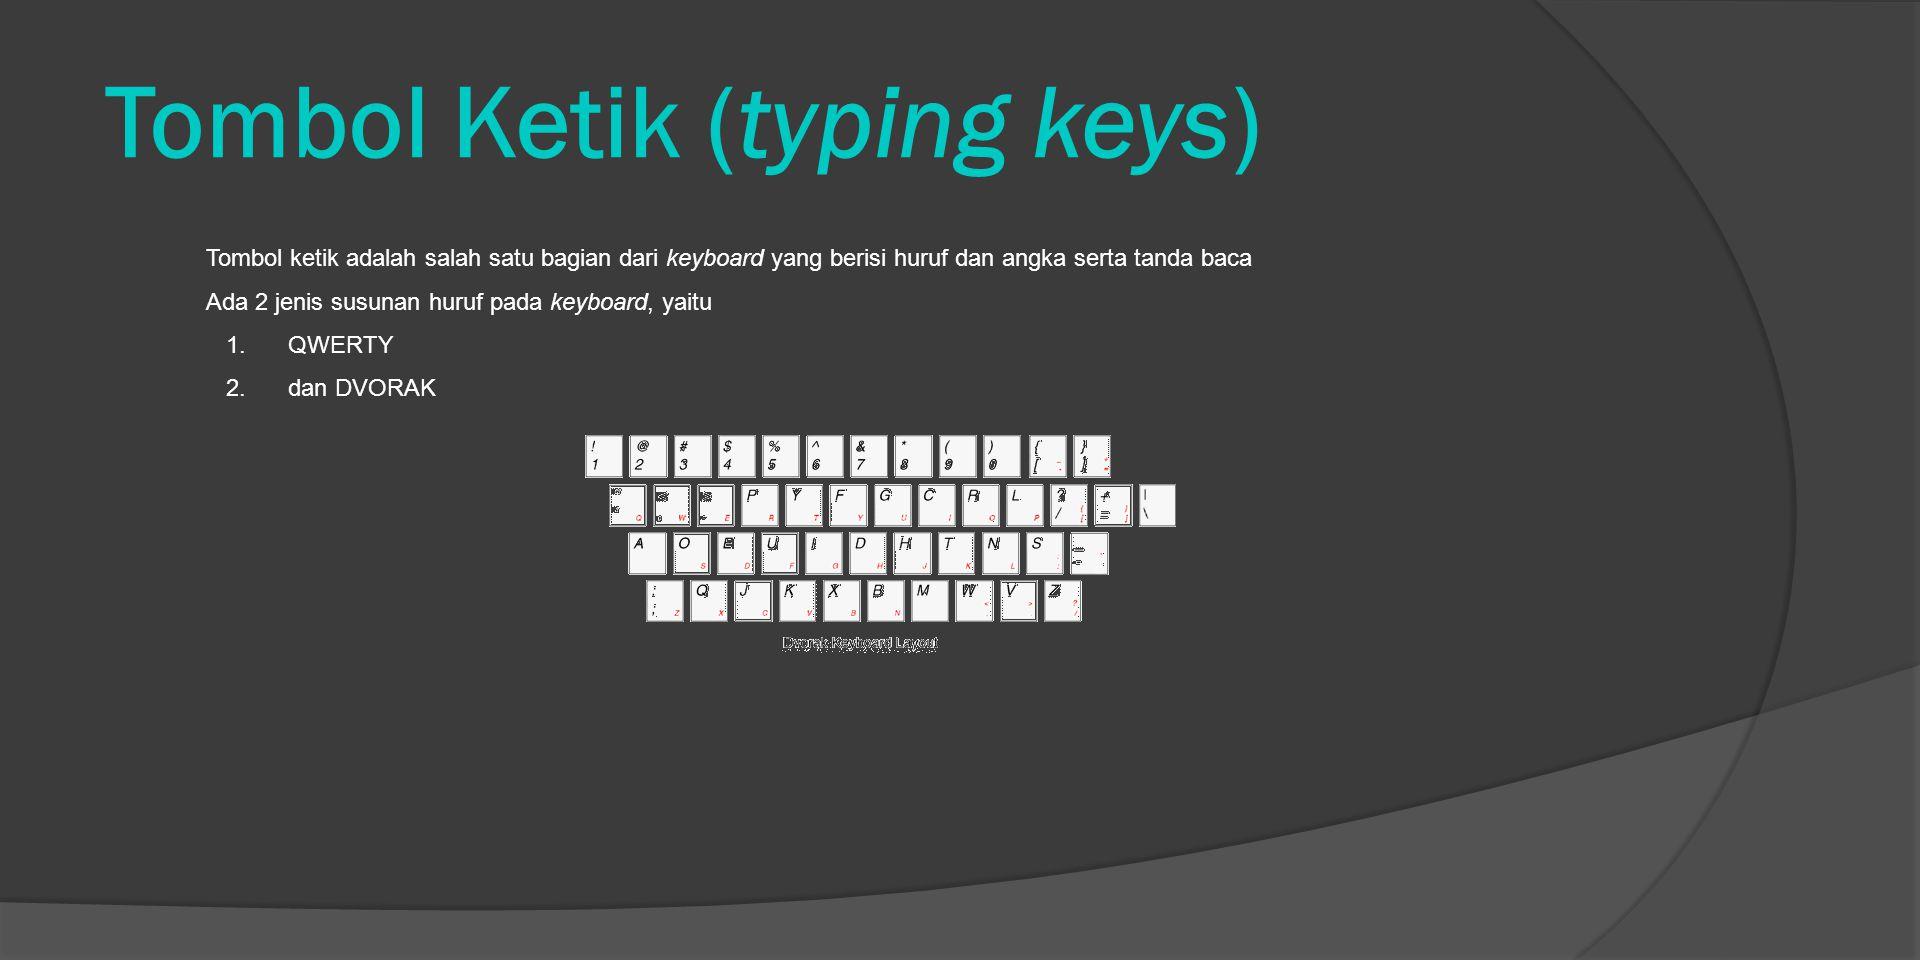 Tombol Ketik (typing keys)